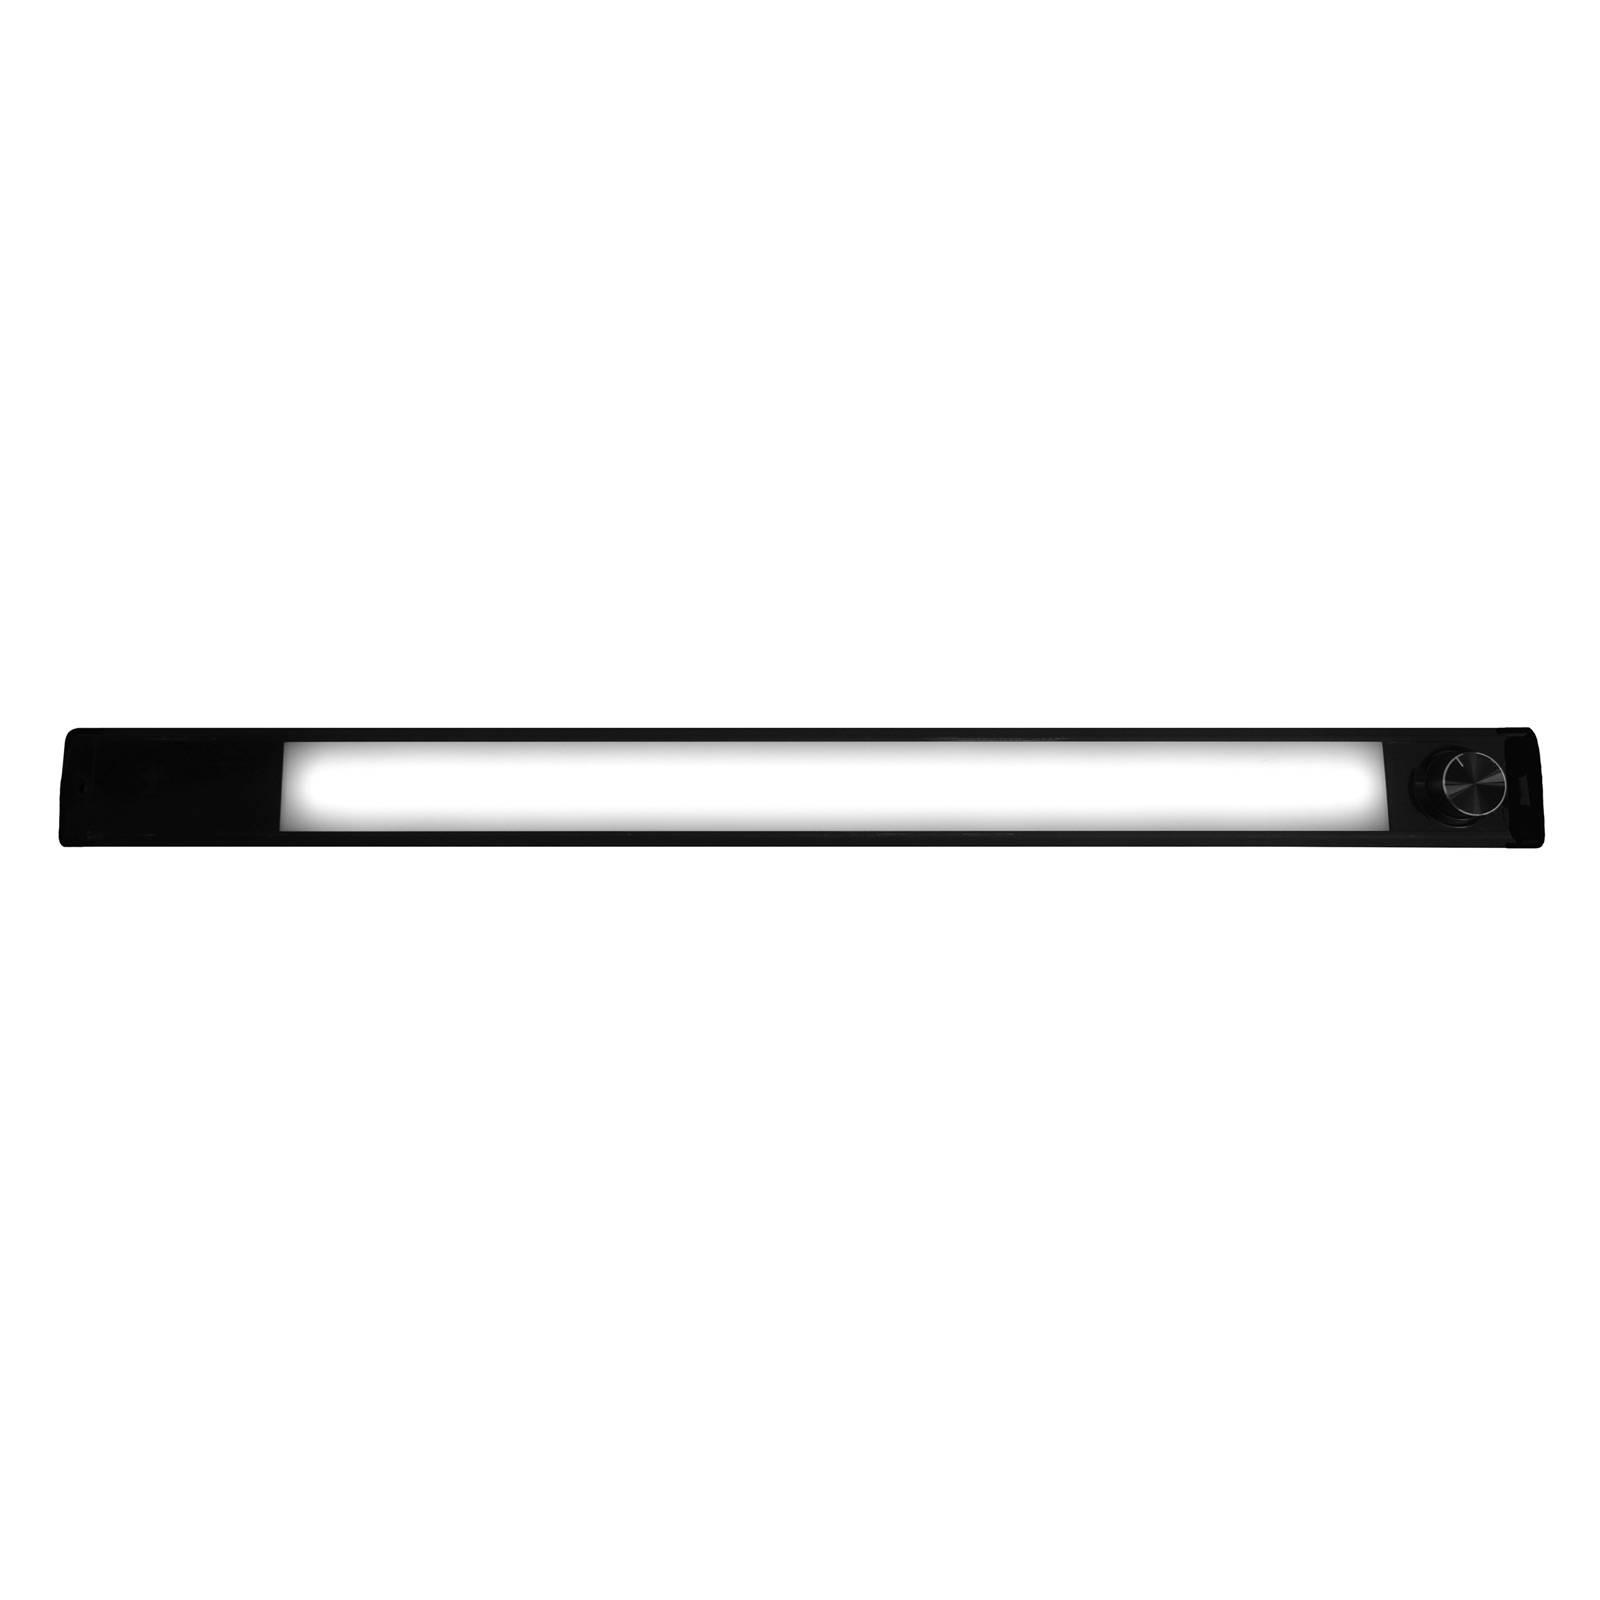 LED-kaapinalusvalaisin Calina 60 Switch Tone musta